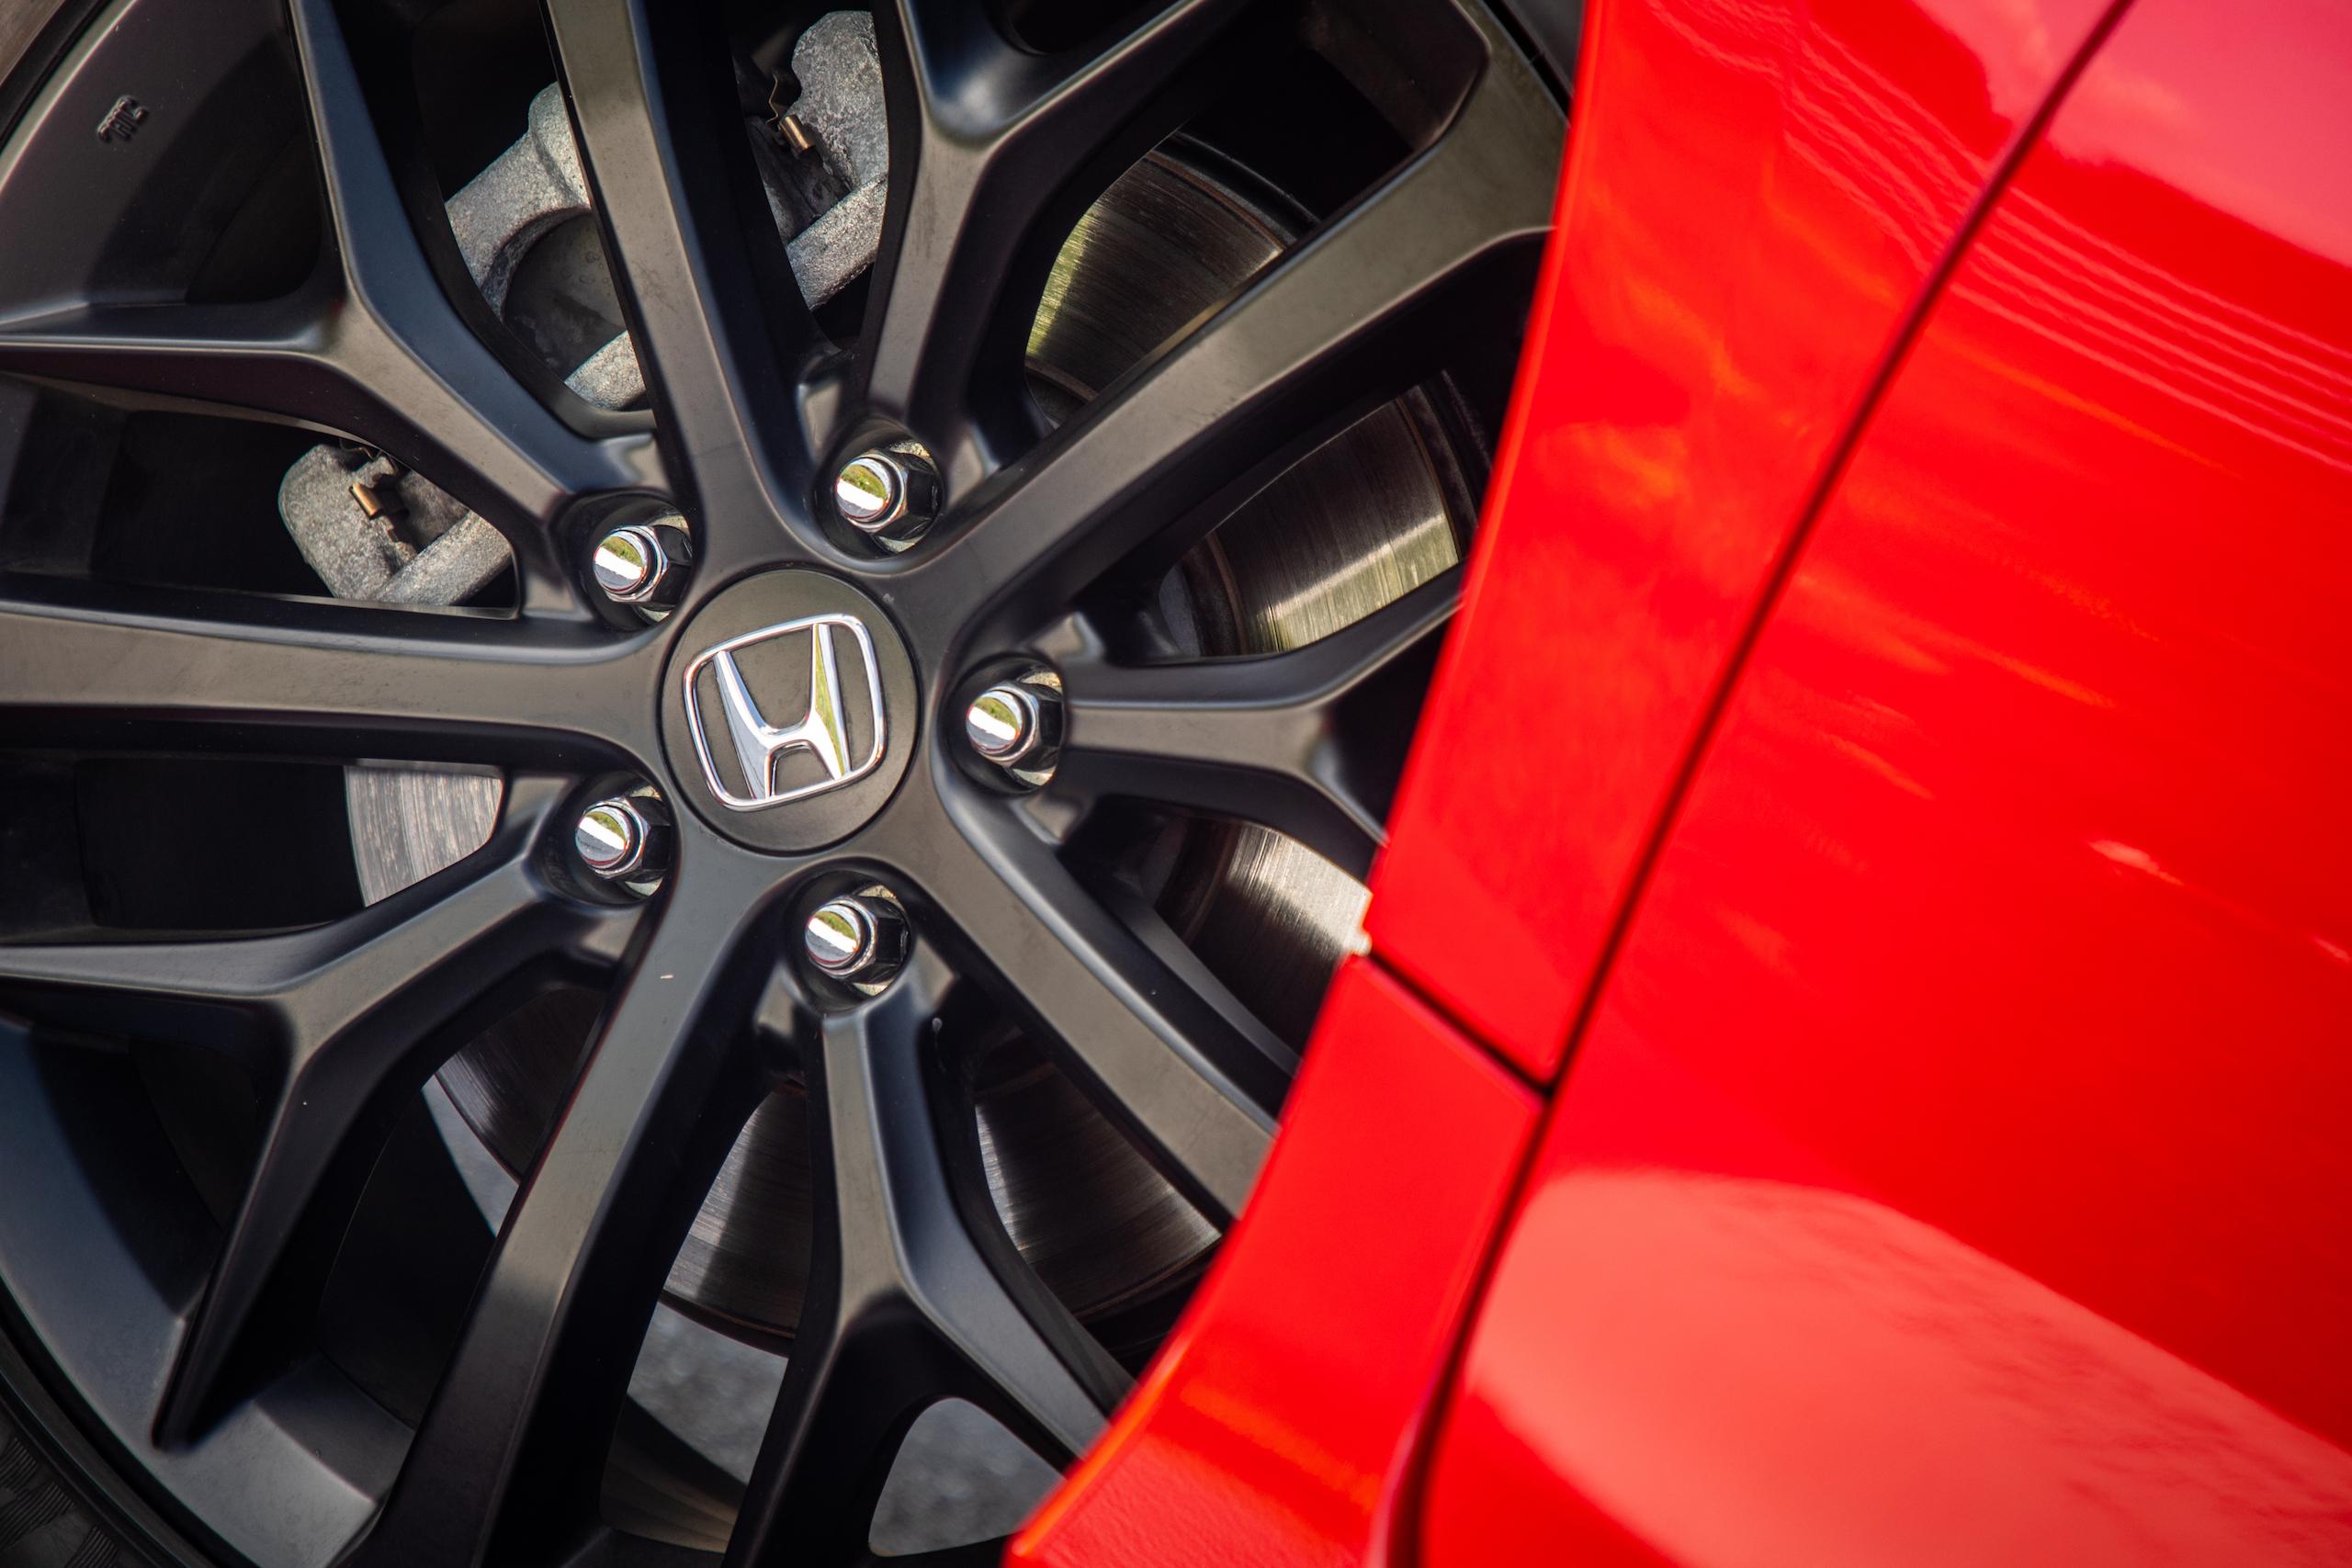 2020 Civic Si wheel detail